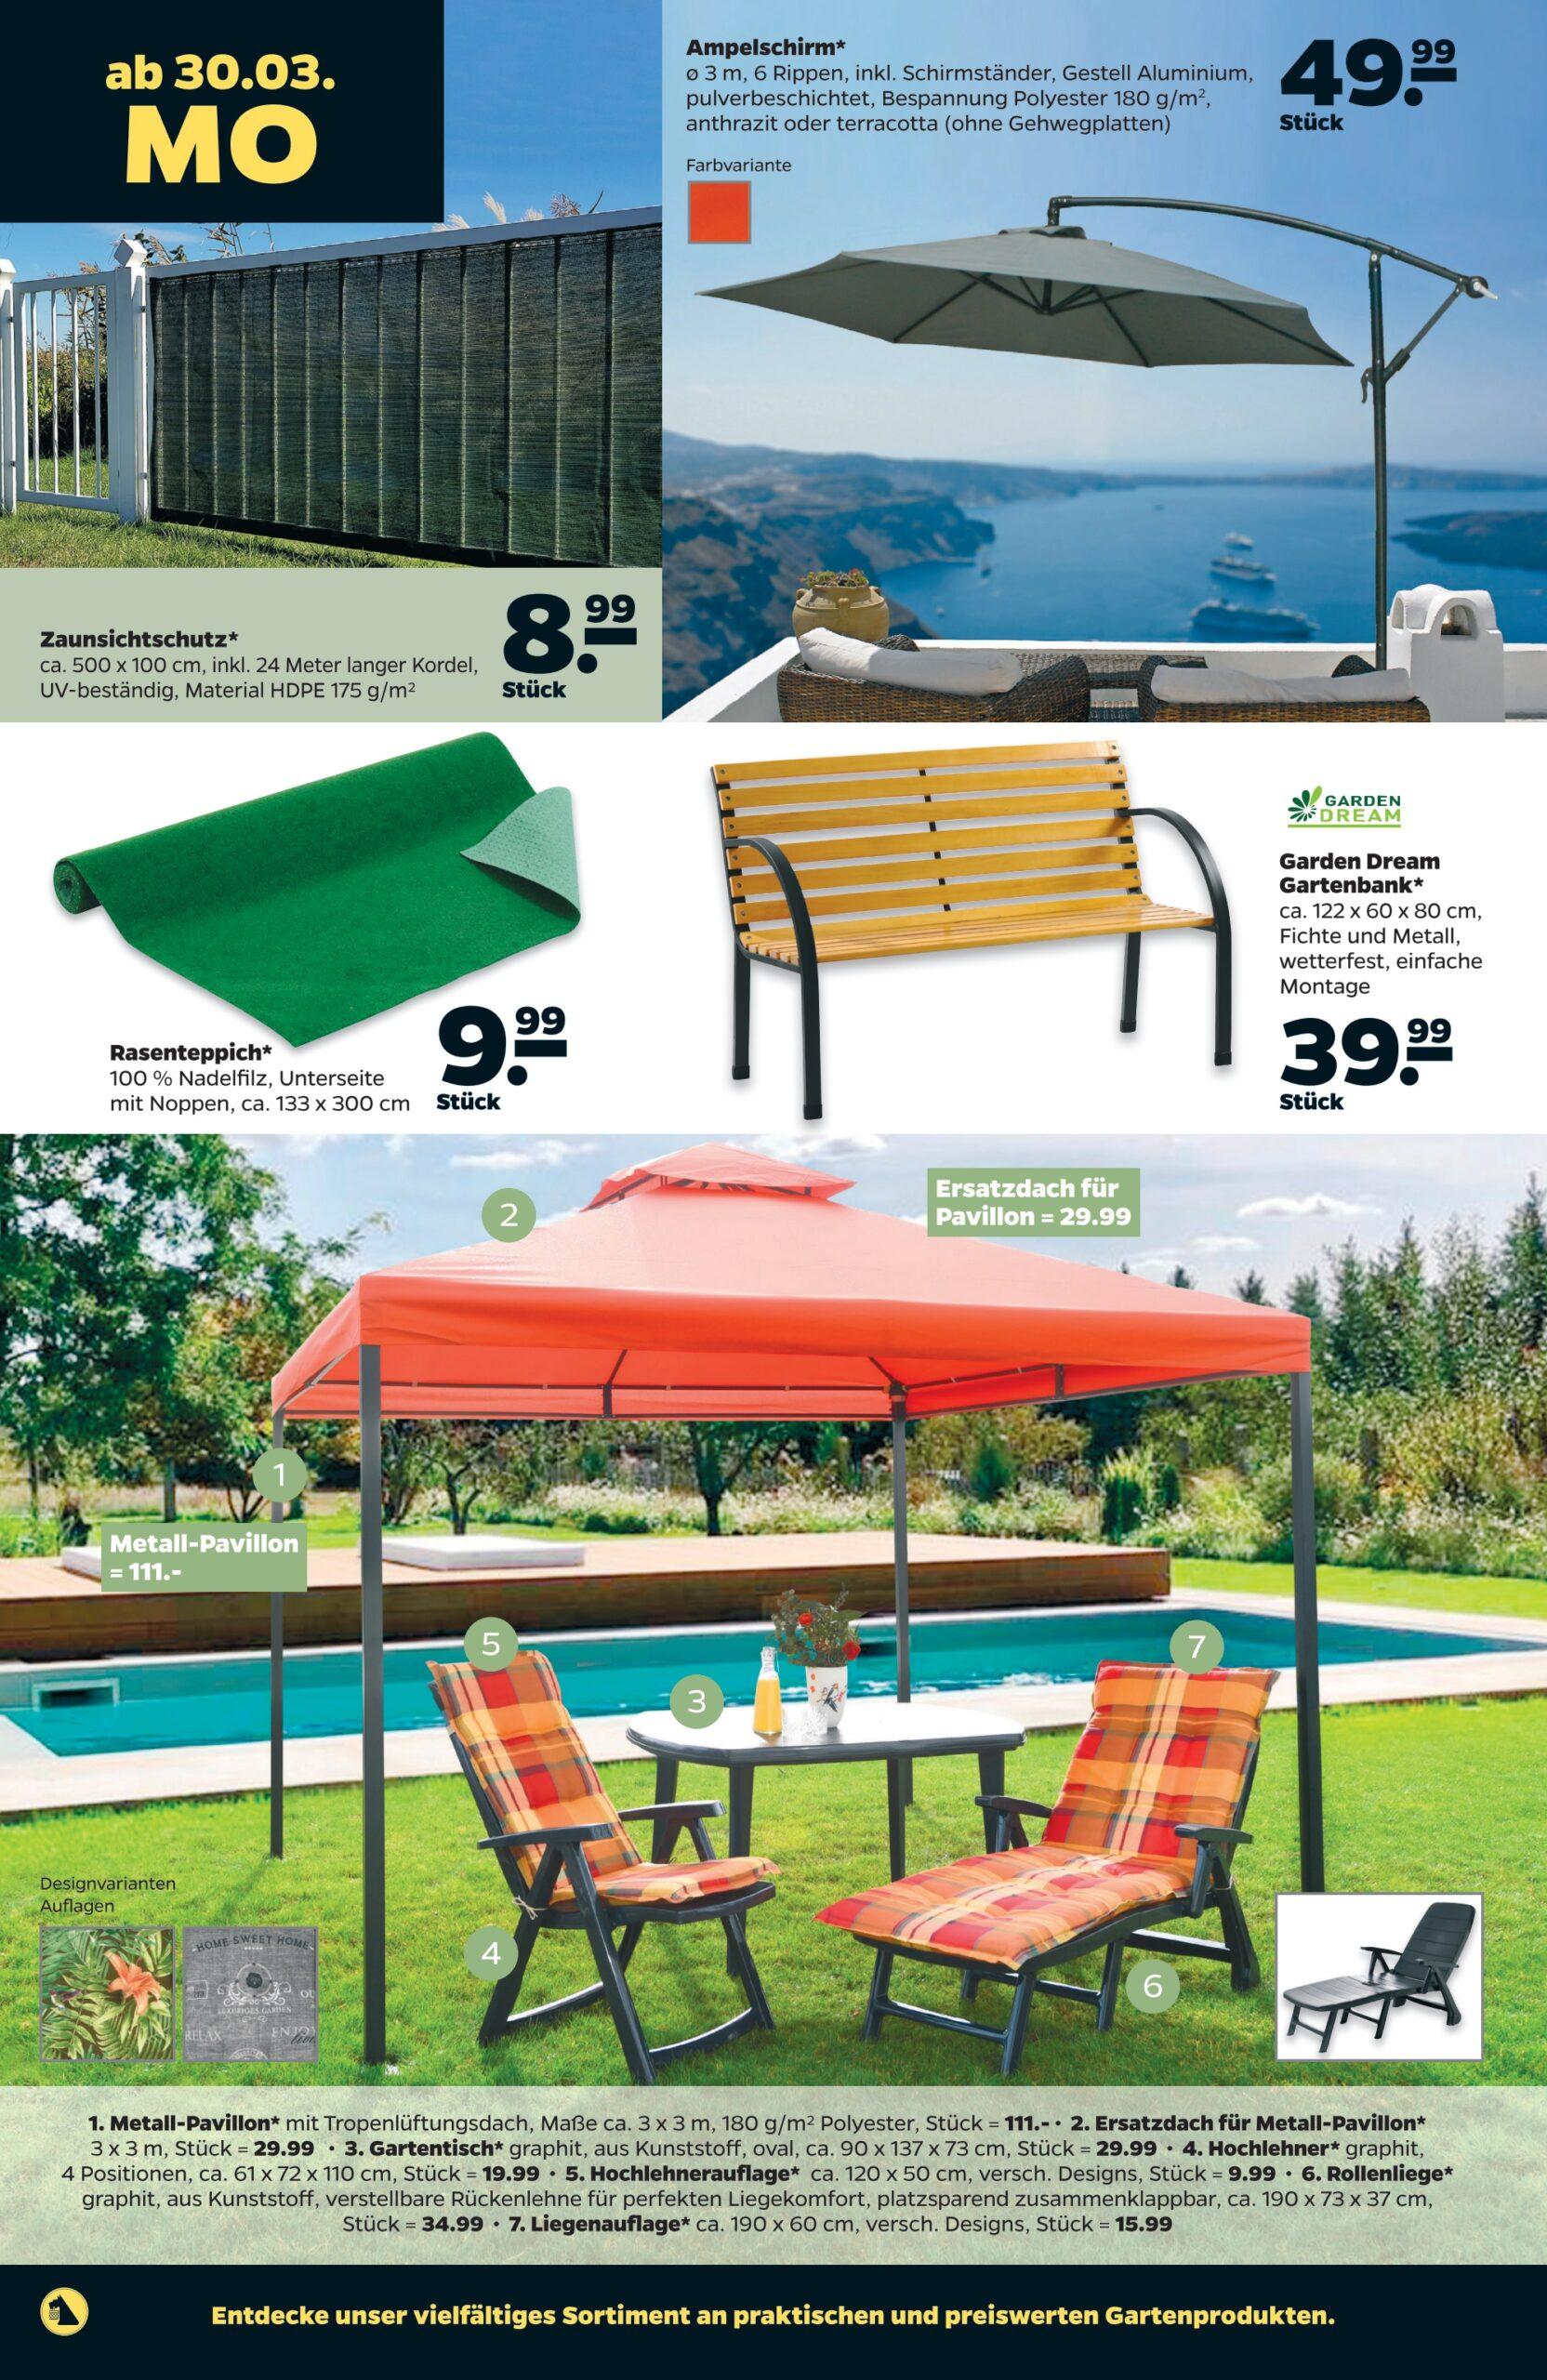 Full Size of Rasenteppich Im Angebot Bei Netto Kupinode Relaxsessel Garten Aldi Wohnzimmer Aldi Gartenbank